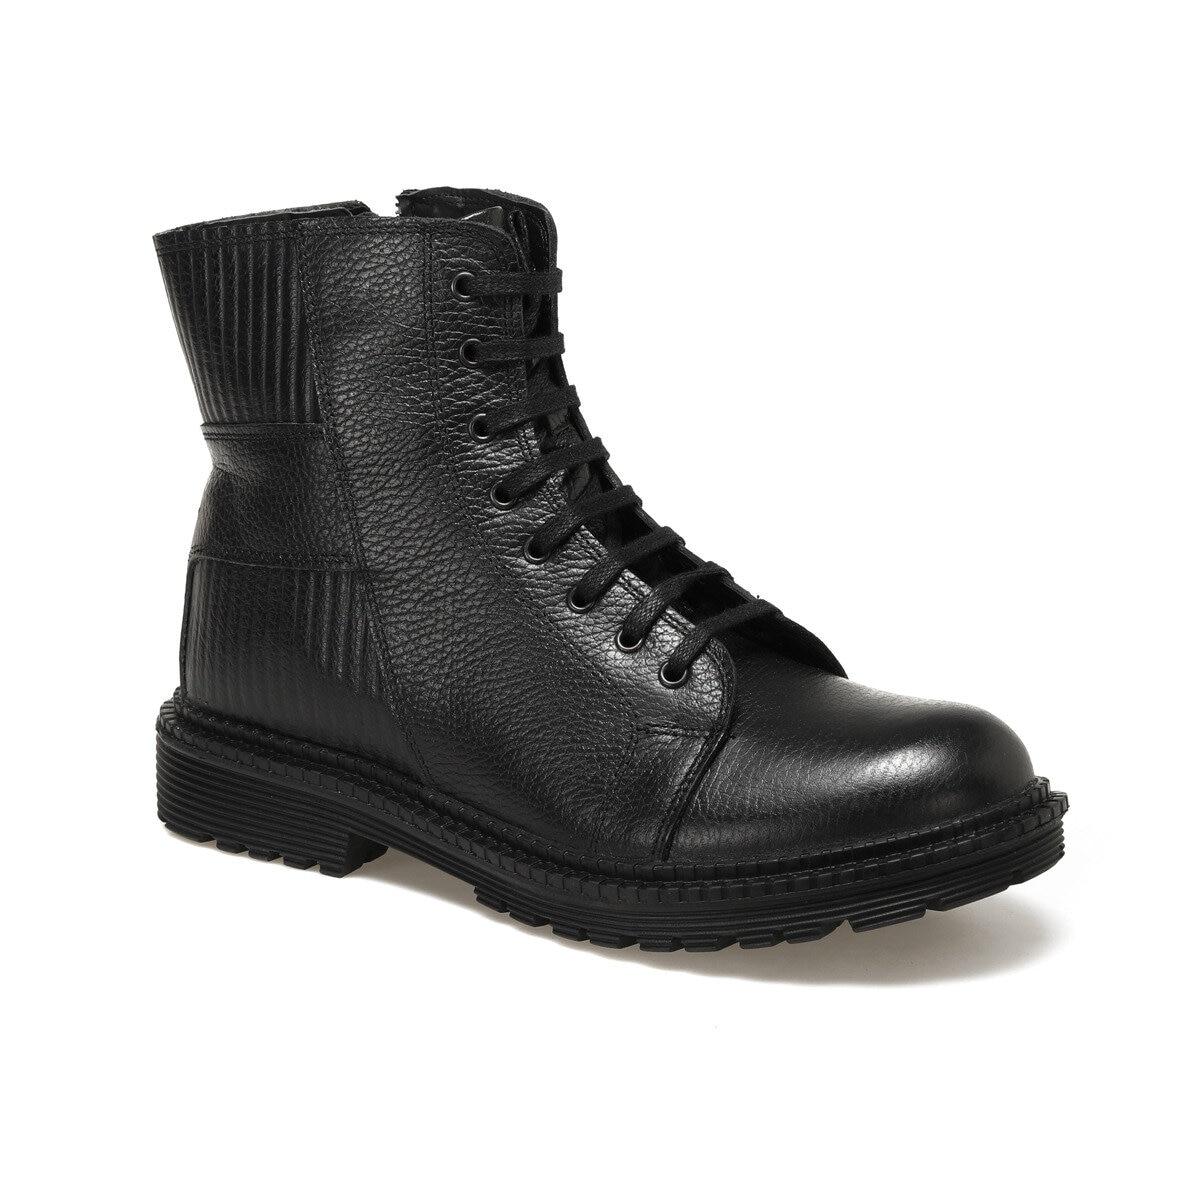 FLO 4090 Black Men Boots Forester